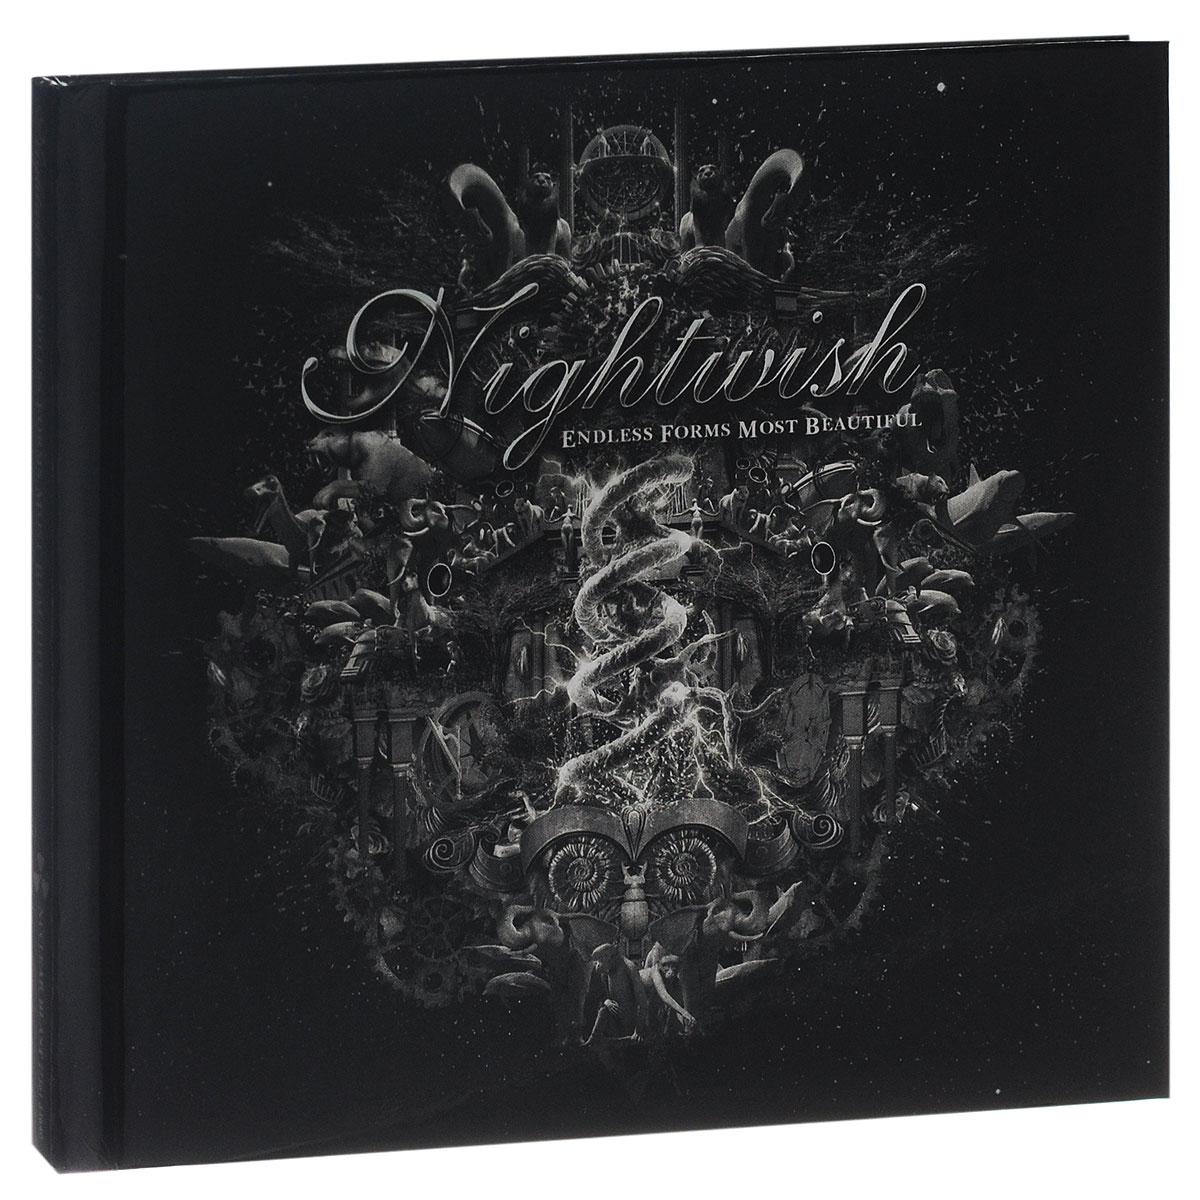 Издание упаковано в картонный DigiPack с 32-страничным буклетом-книгой, закрепленным в середине упаковки. Буклет содержит иллюстрации и тексты песен на английском языке.